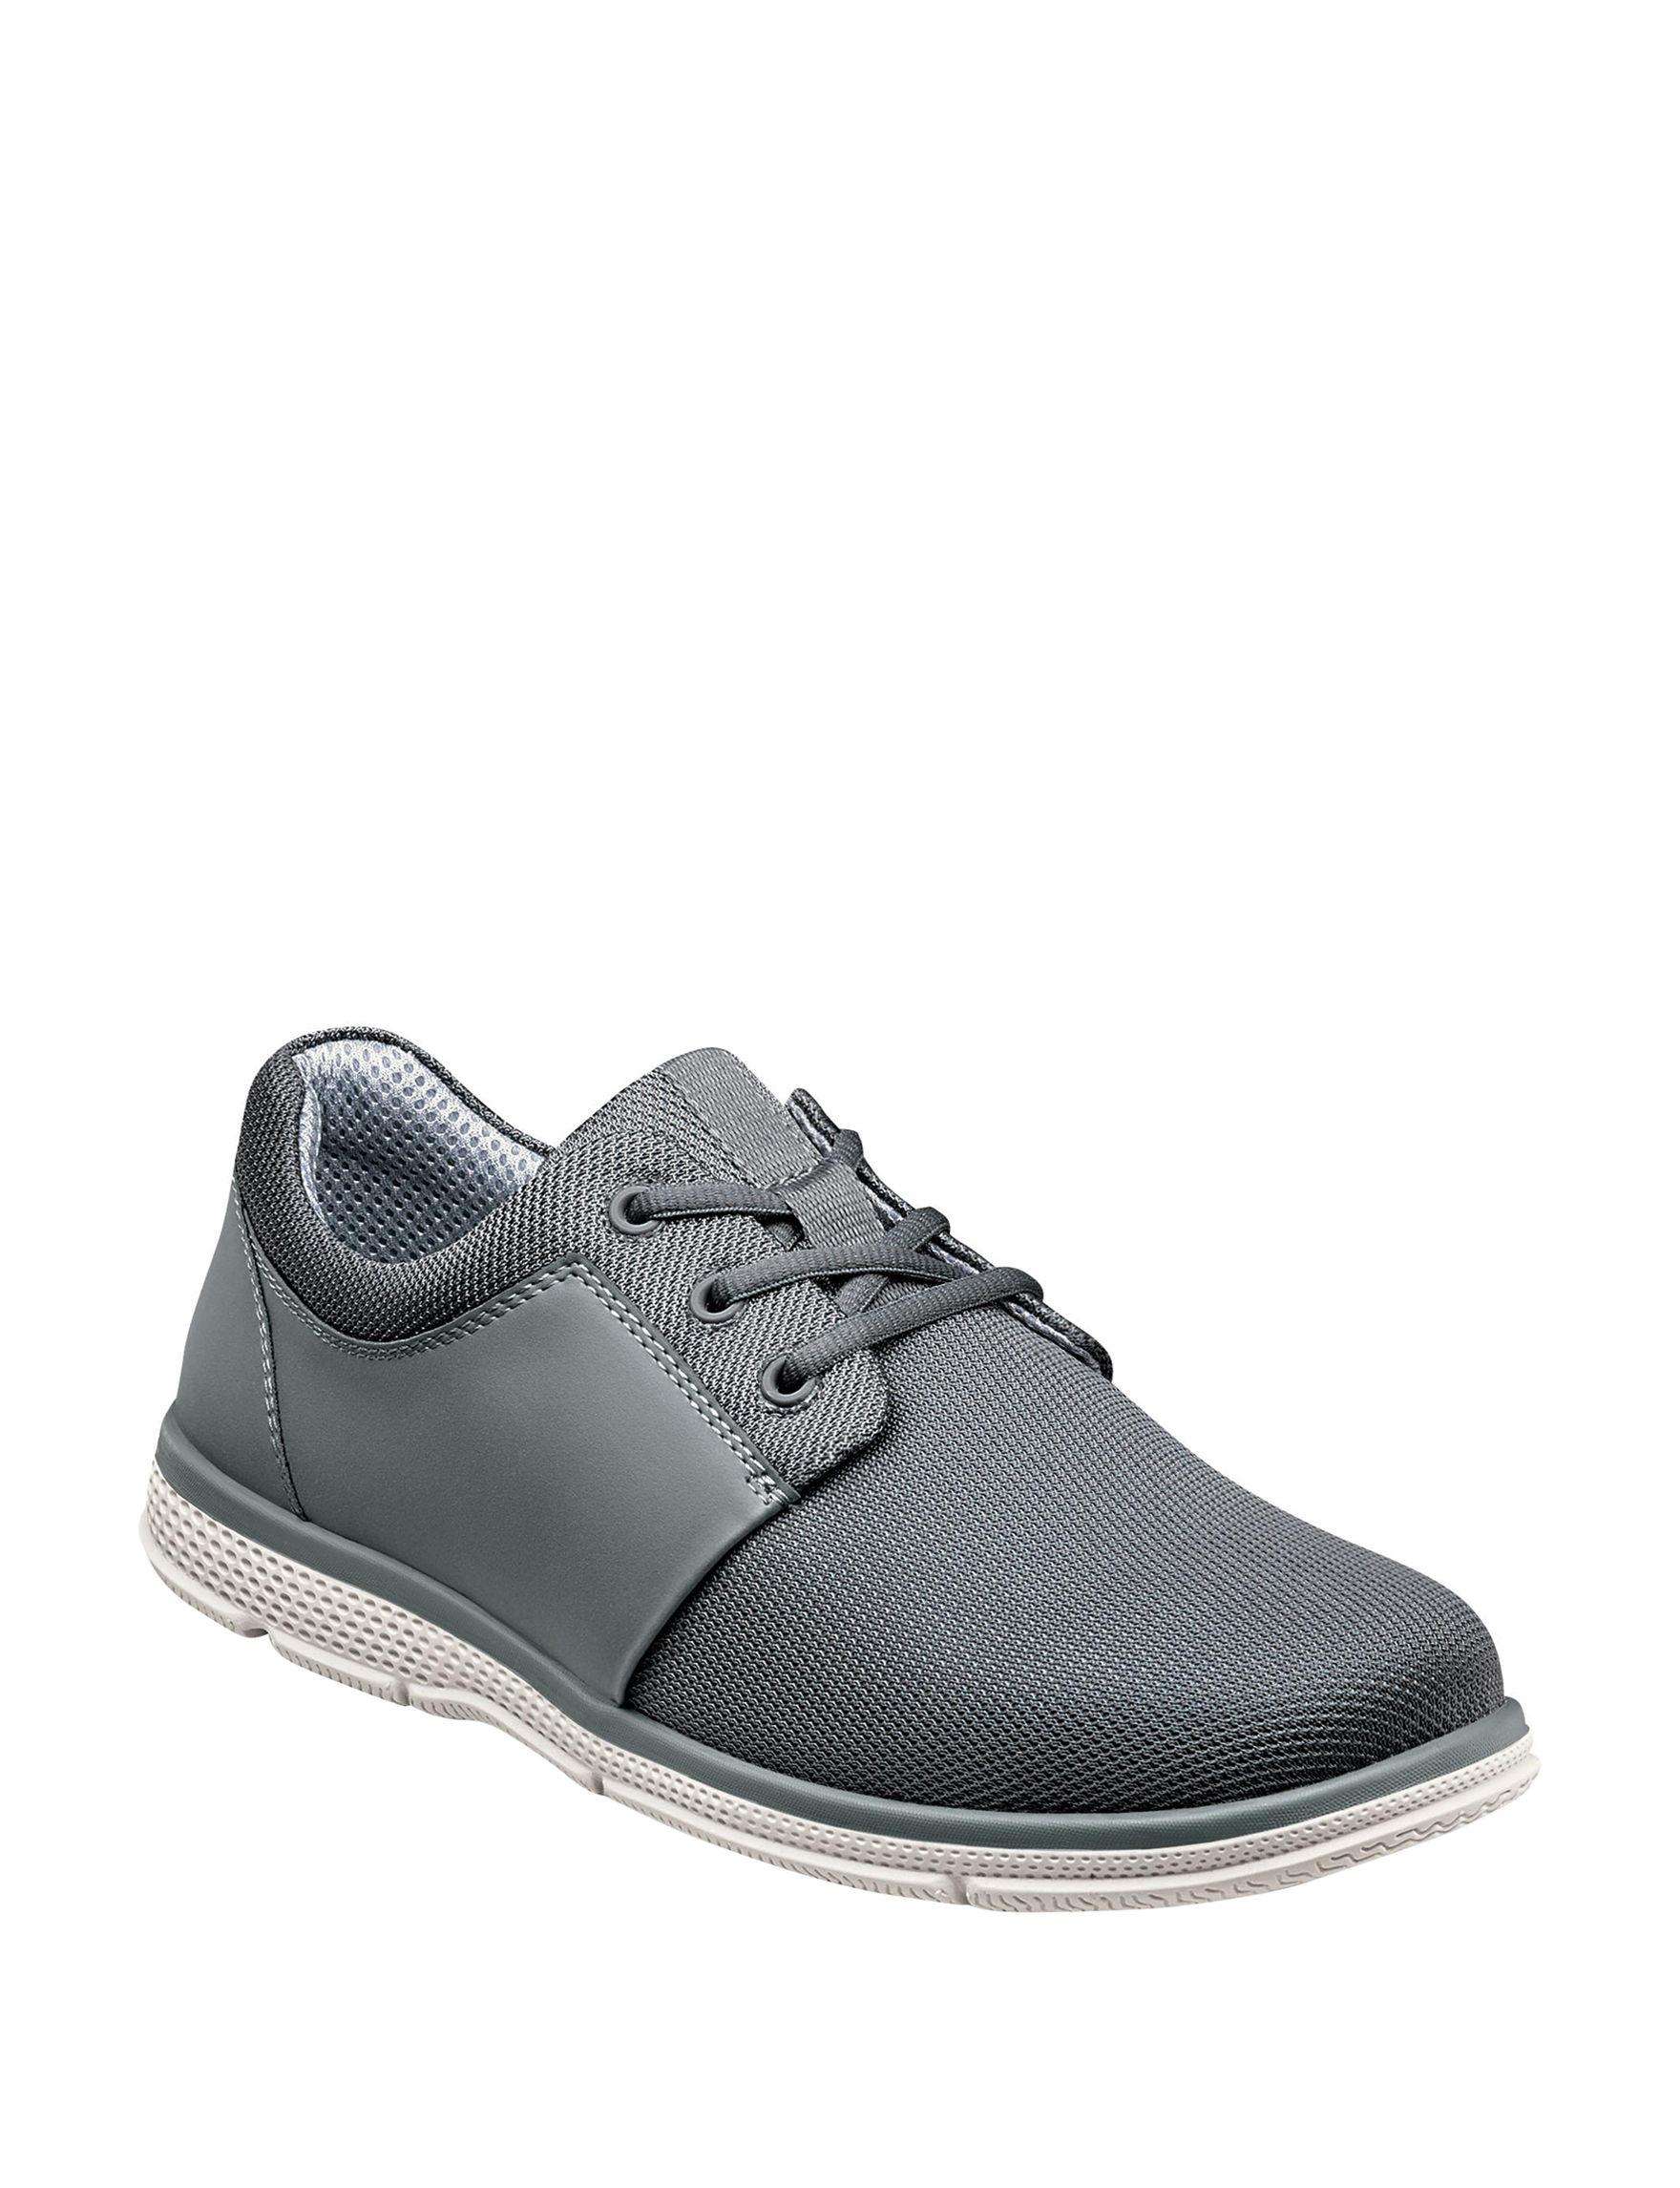 Nunn Bush Grey